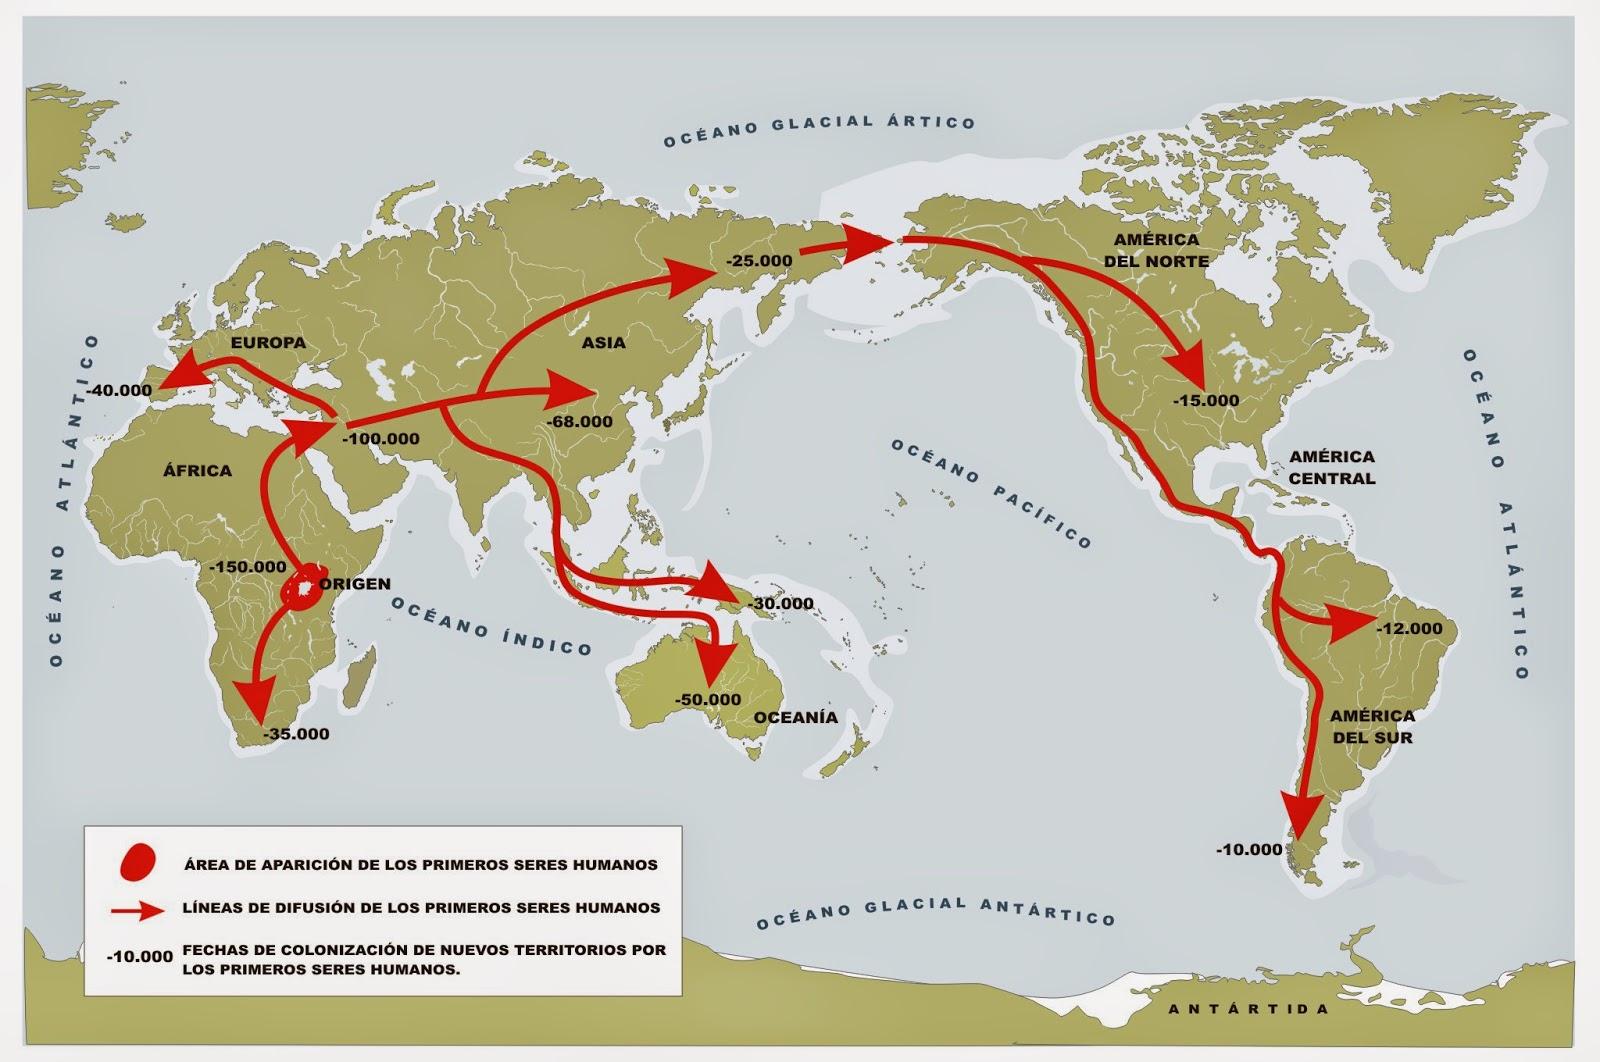 Profesor de Historia, Geografía y Arte: Mapas históricos